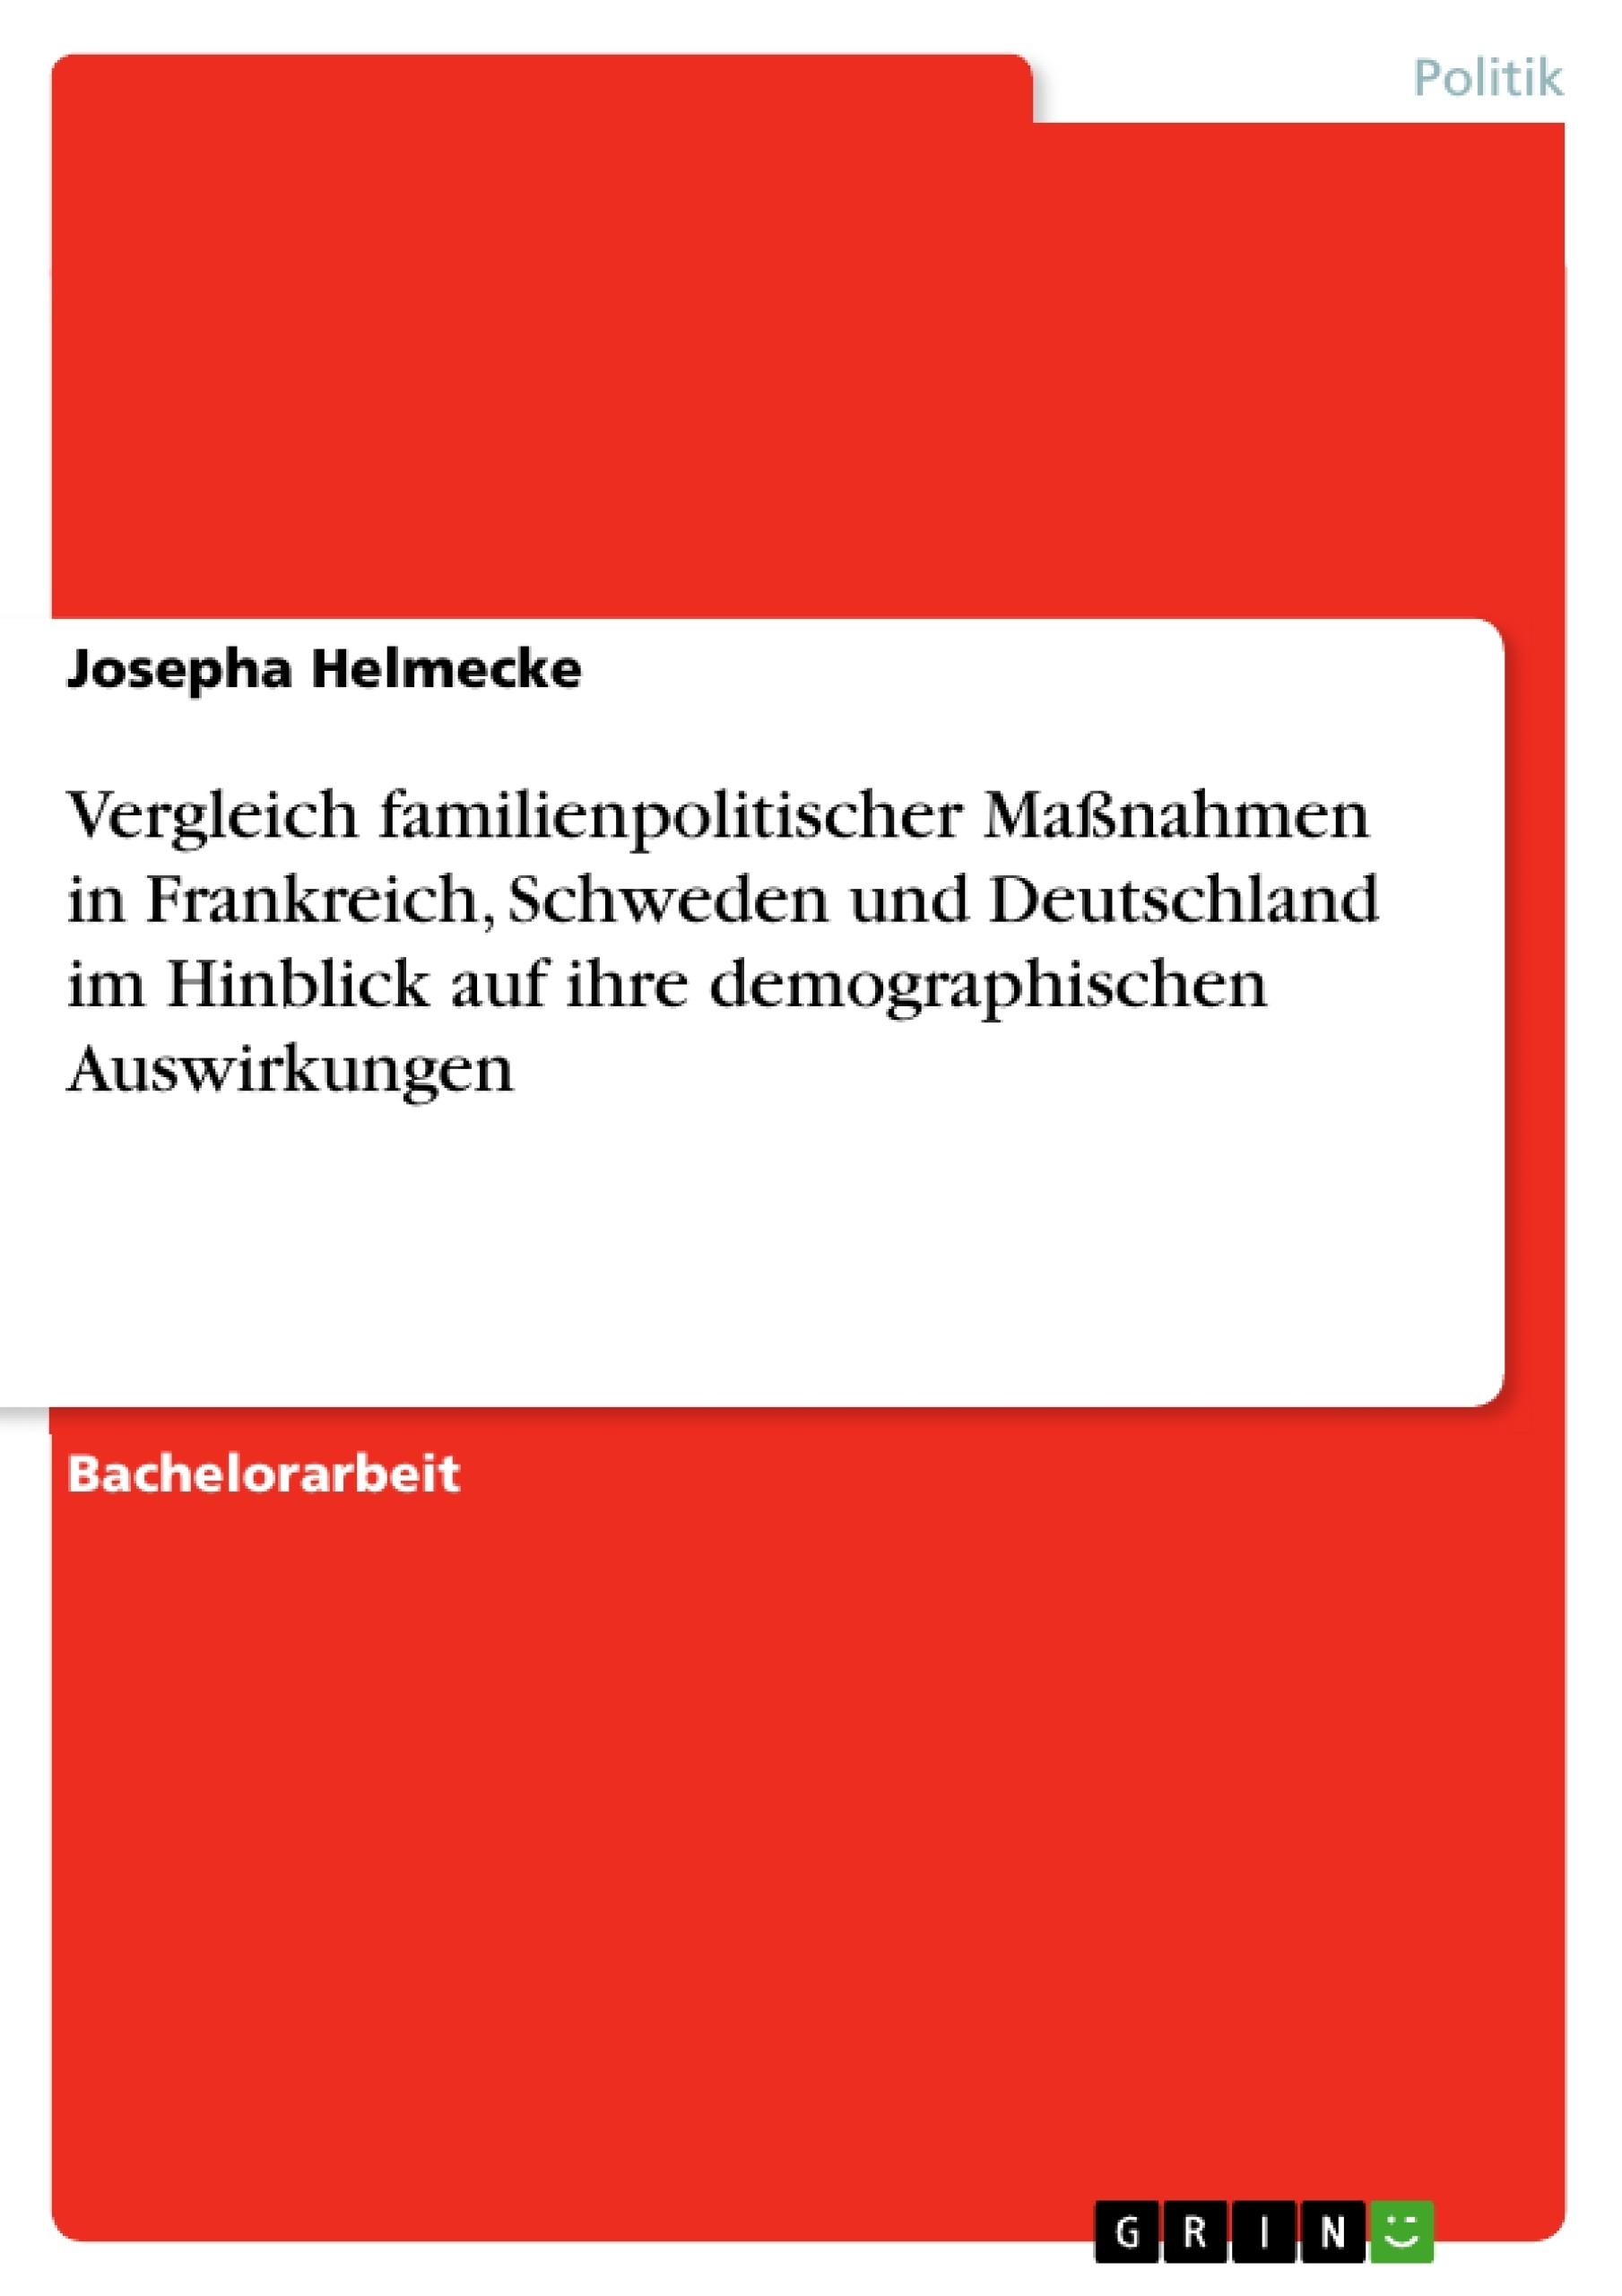 Titel: Vergleich familienpolitischer Maßnahmen in Frankreich, Schweden und Deutschland im Hinblick auf ihre demographischen Auswirkungen